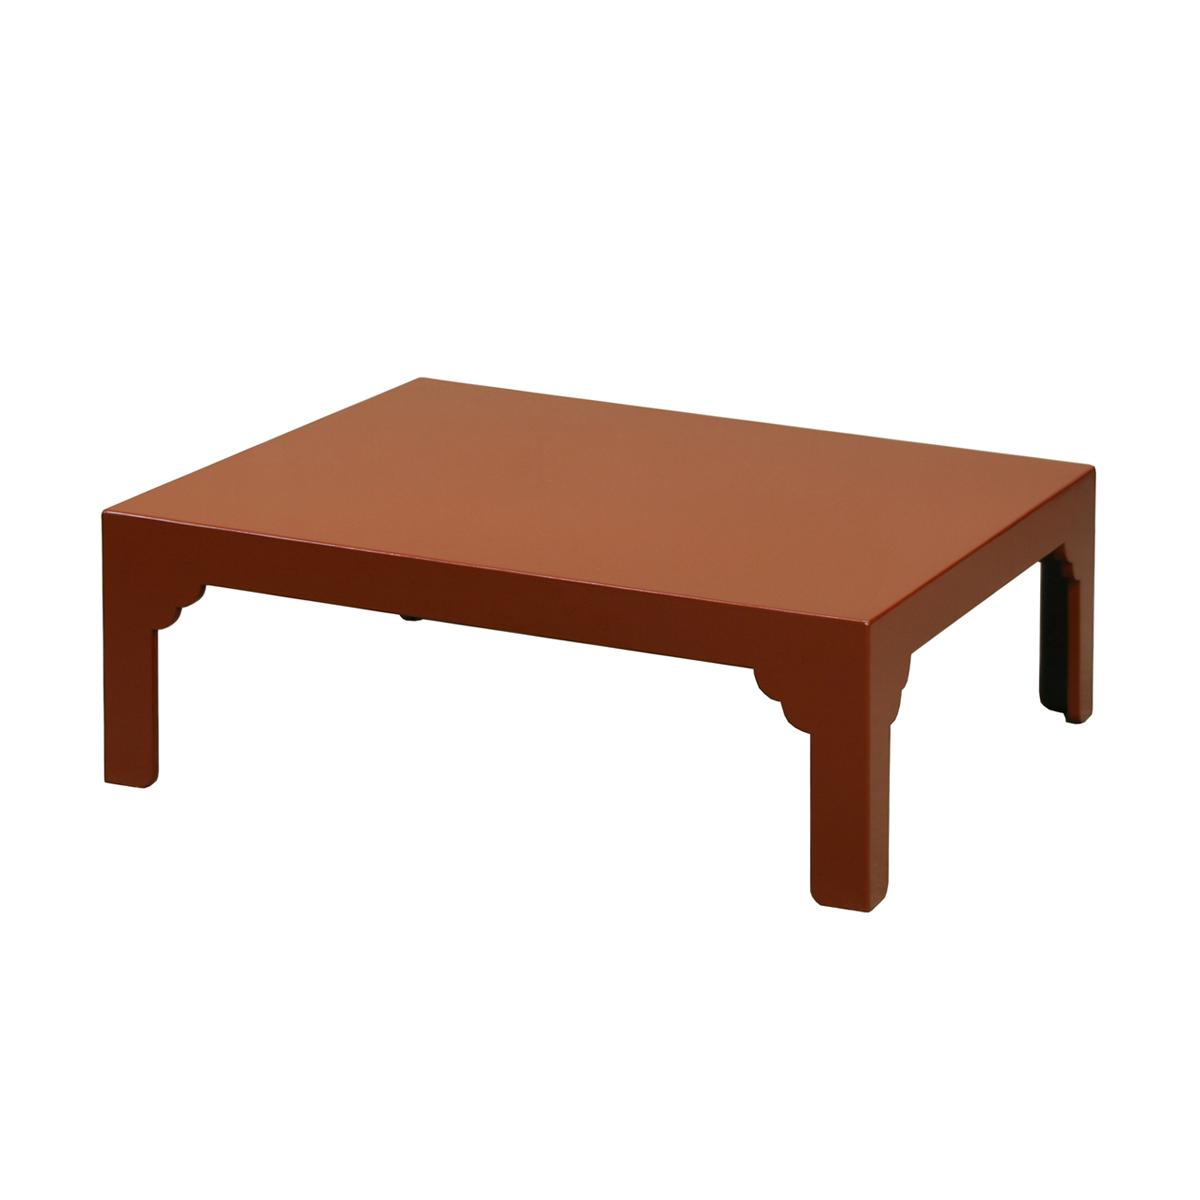 一閑張座卓Ⅱ